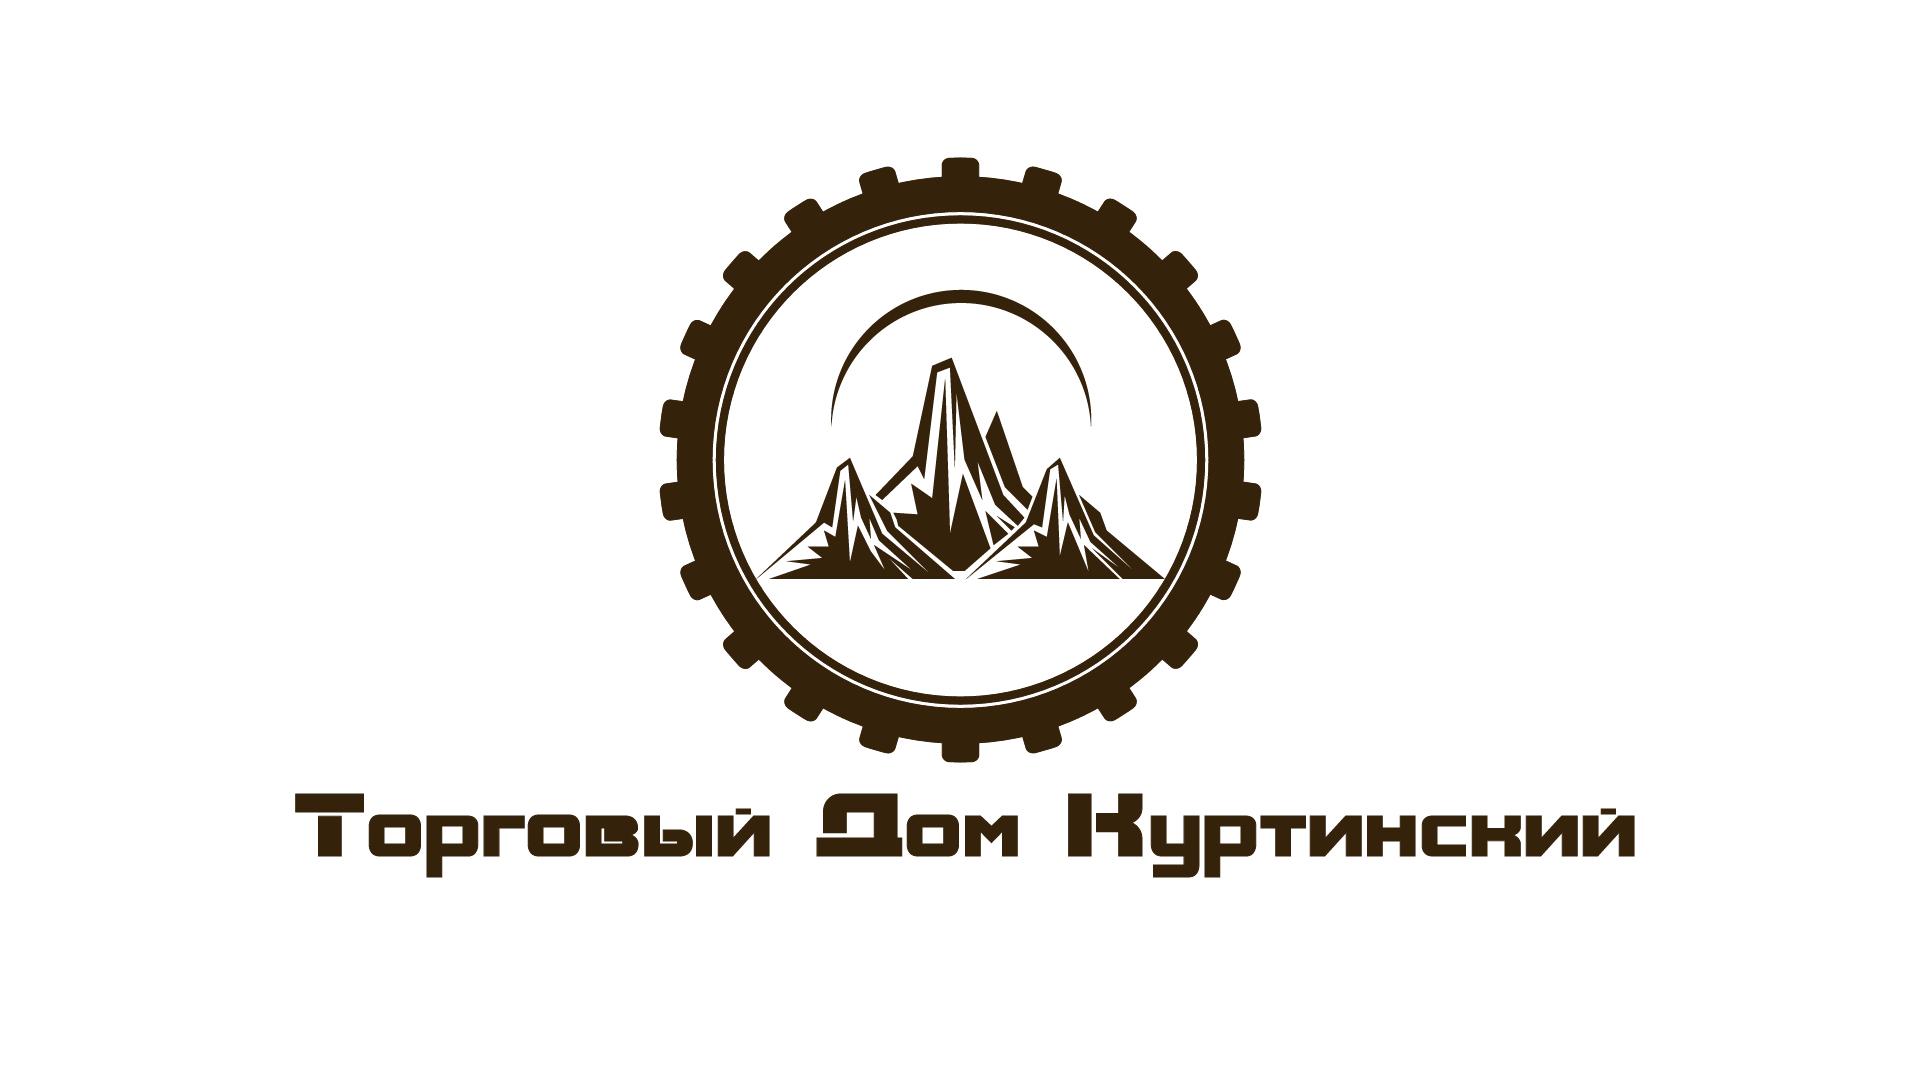 Логотип для камнедобывающей компании фото f_4665b98db635e6b5.jpg